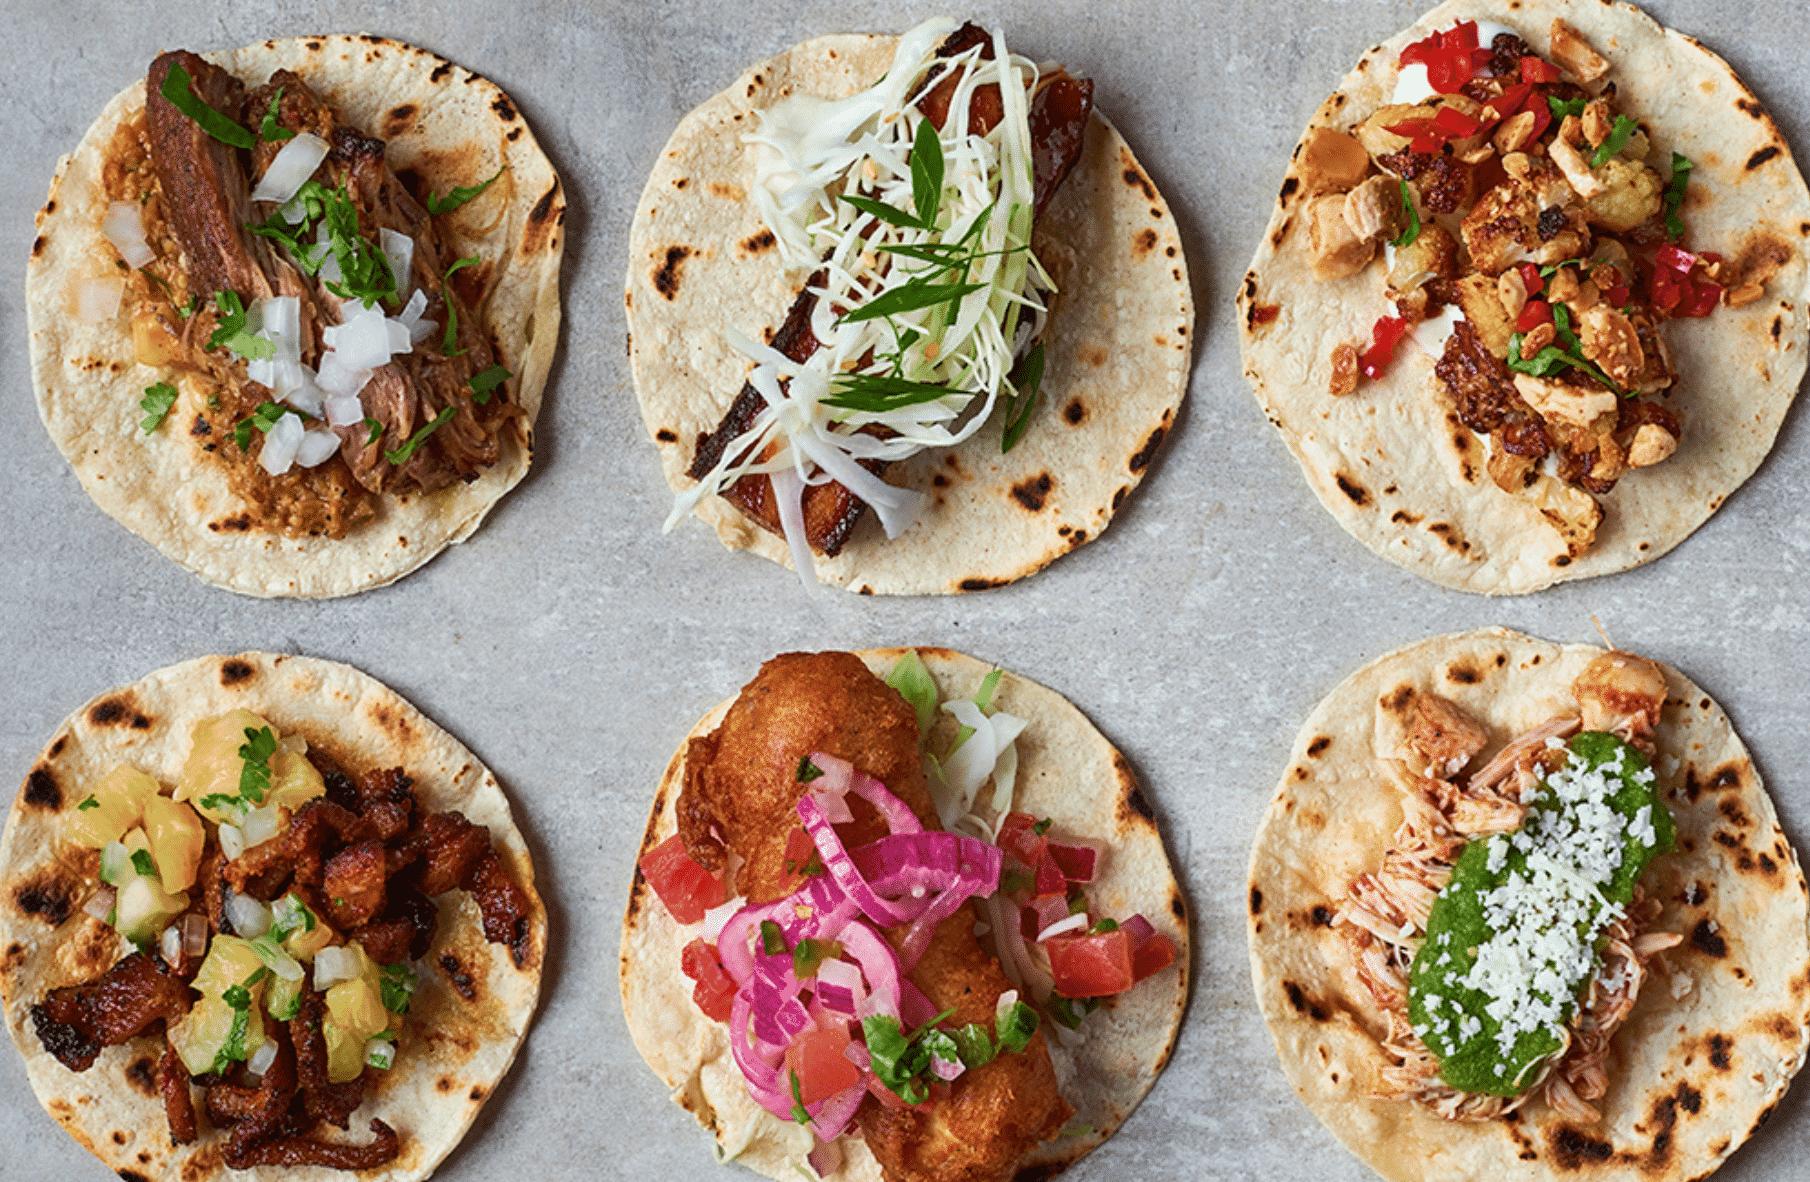 Nada Mexican Food